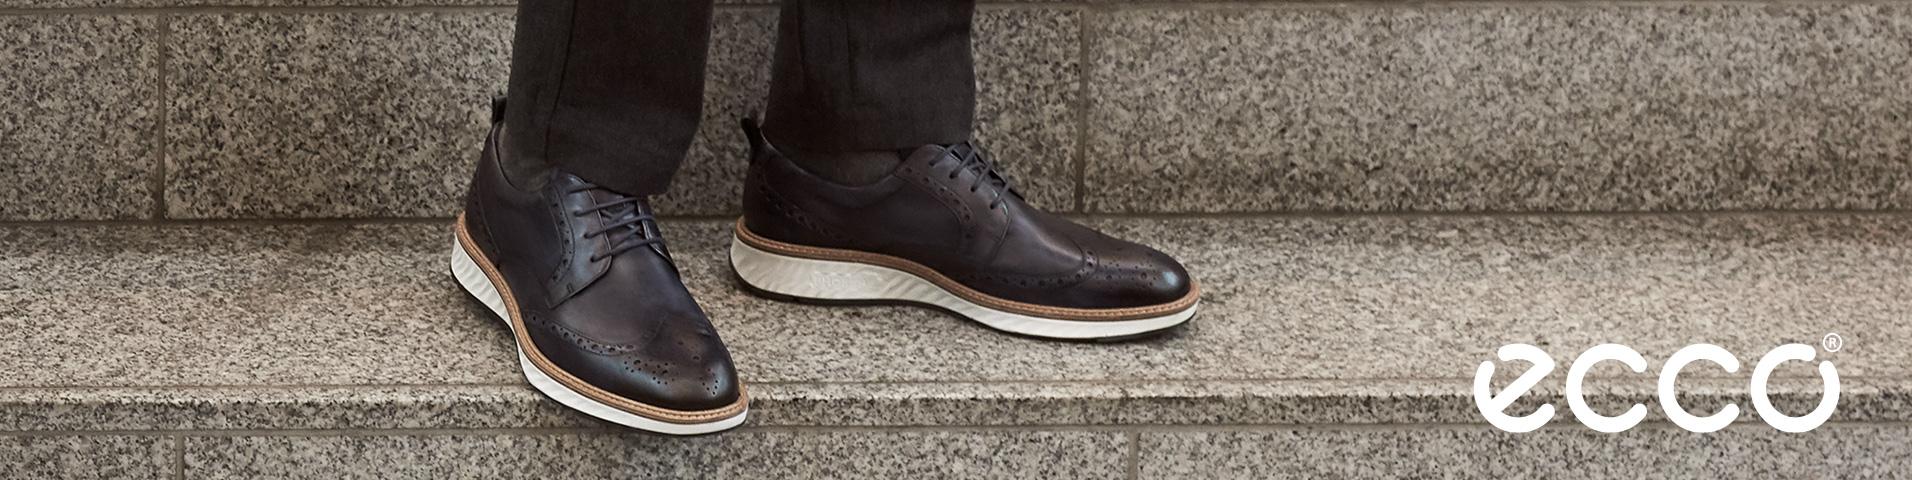 Ecco Schnürer oder Schnürschuhe für Herren : chic und